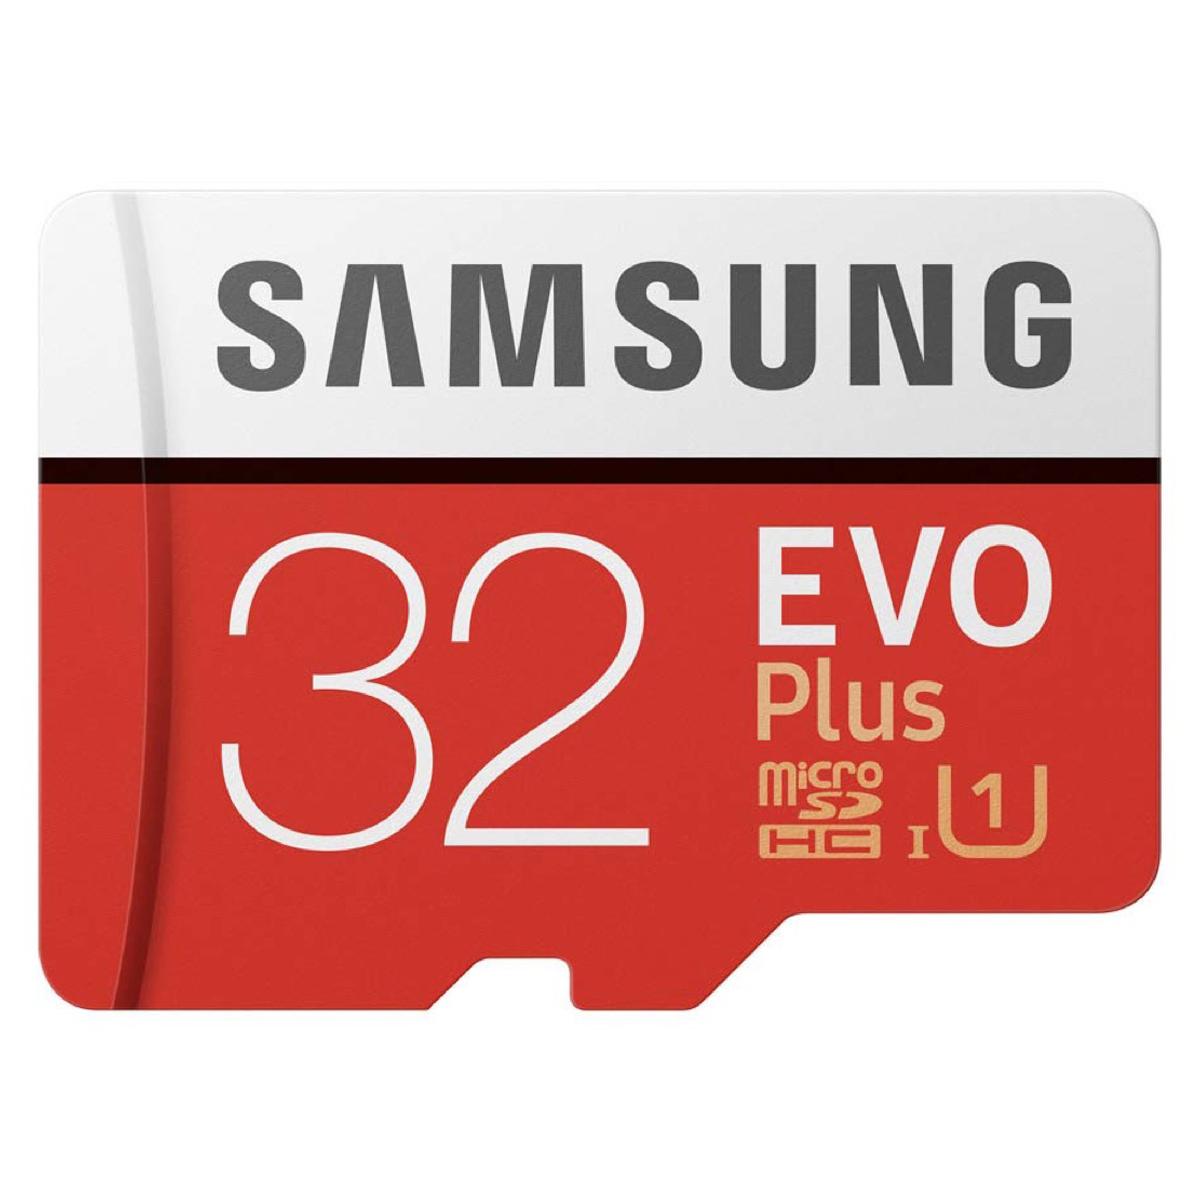 マーケティング SDHCTM変換アダプタ付属 SAMSUNG 日本 EVO Plus microSDHCカード 32GB アダプタ付属 マイクロSD 日本国内正規保証品 MB-MC32GA-IT サムスン microSDHC 全国送料無料 GOPRO 純正アクセサリー C ゴープロ